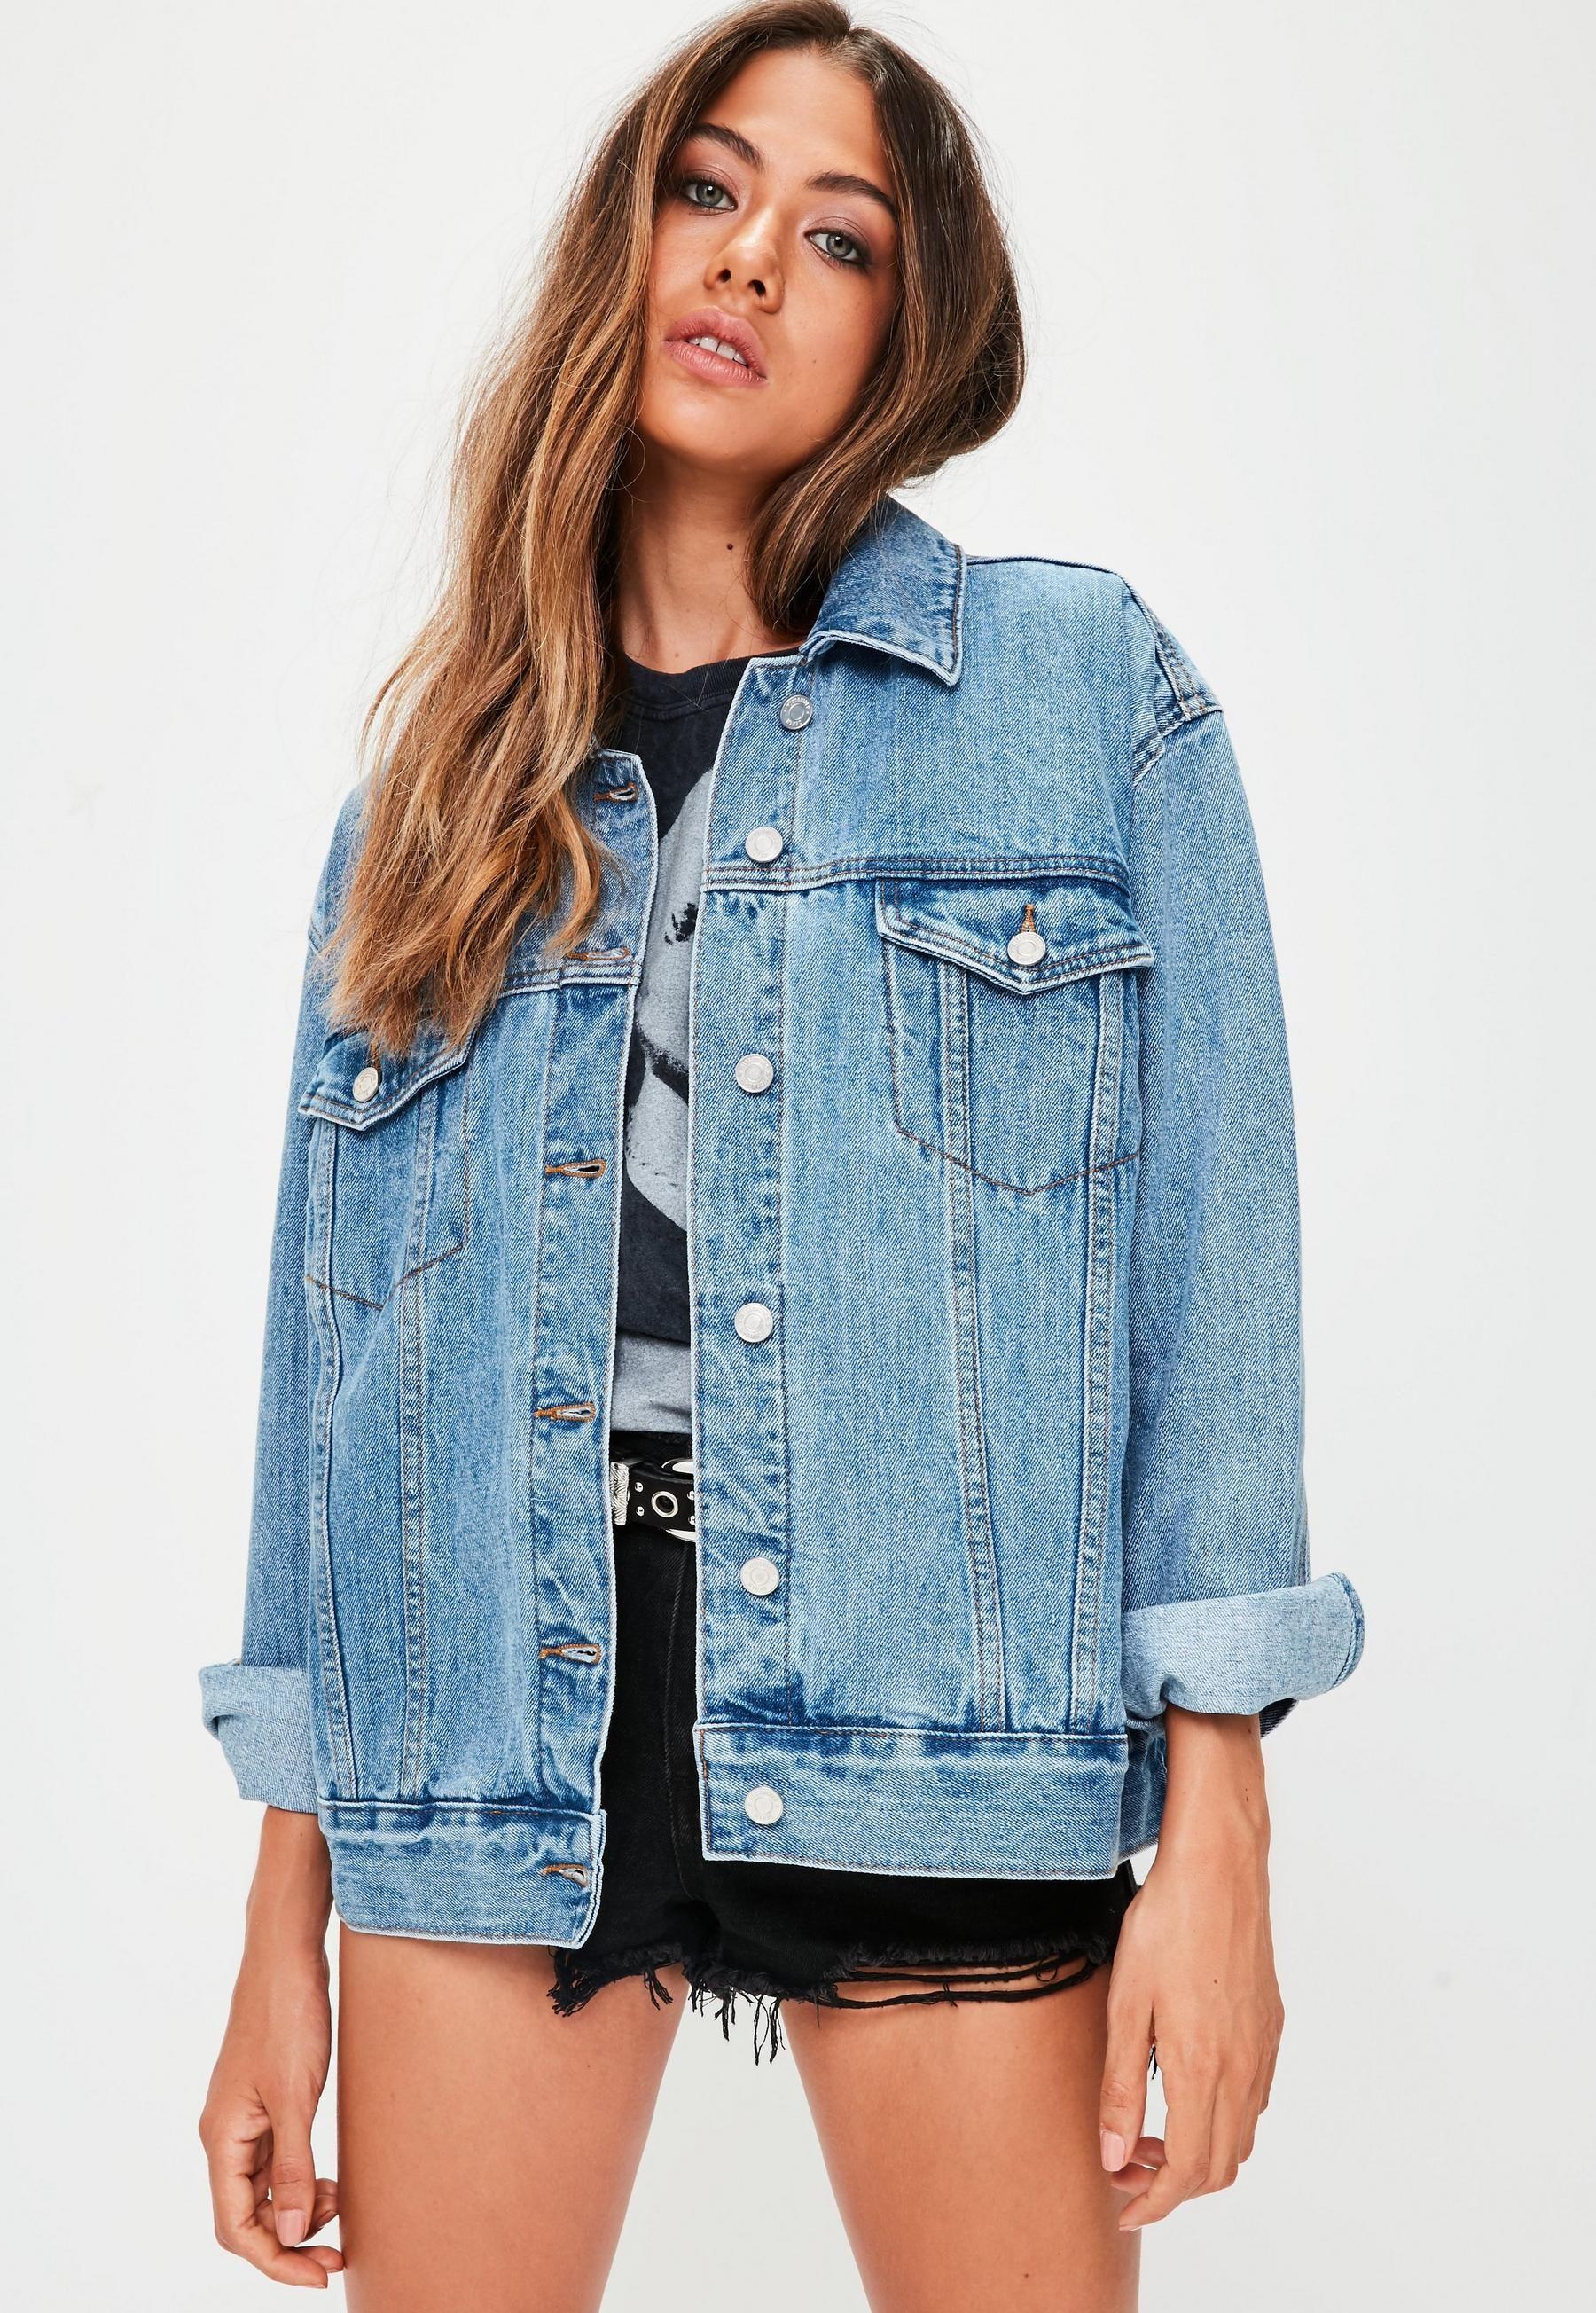 Missguided Veste En Jean Oversize Bleu Clair Oversized Denim Jacket Oversized Denim Jacket Outfit Jean Jacket Outfits [ 2608 x 1800 Pixel ]